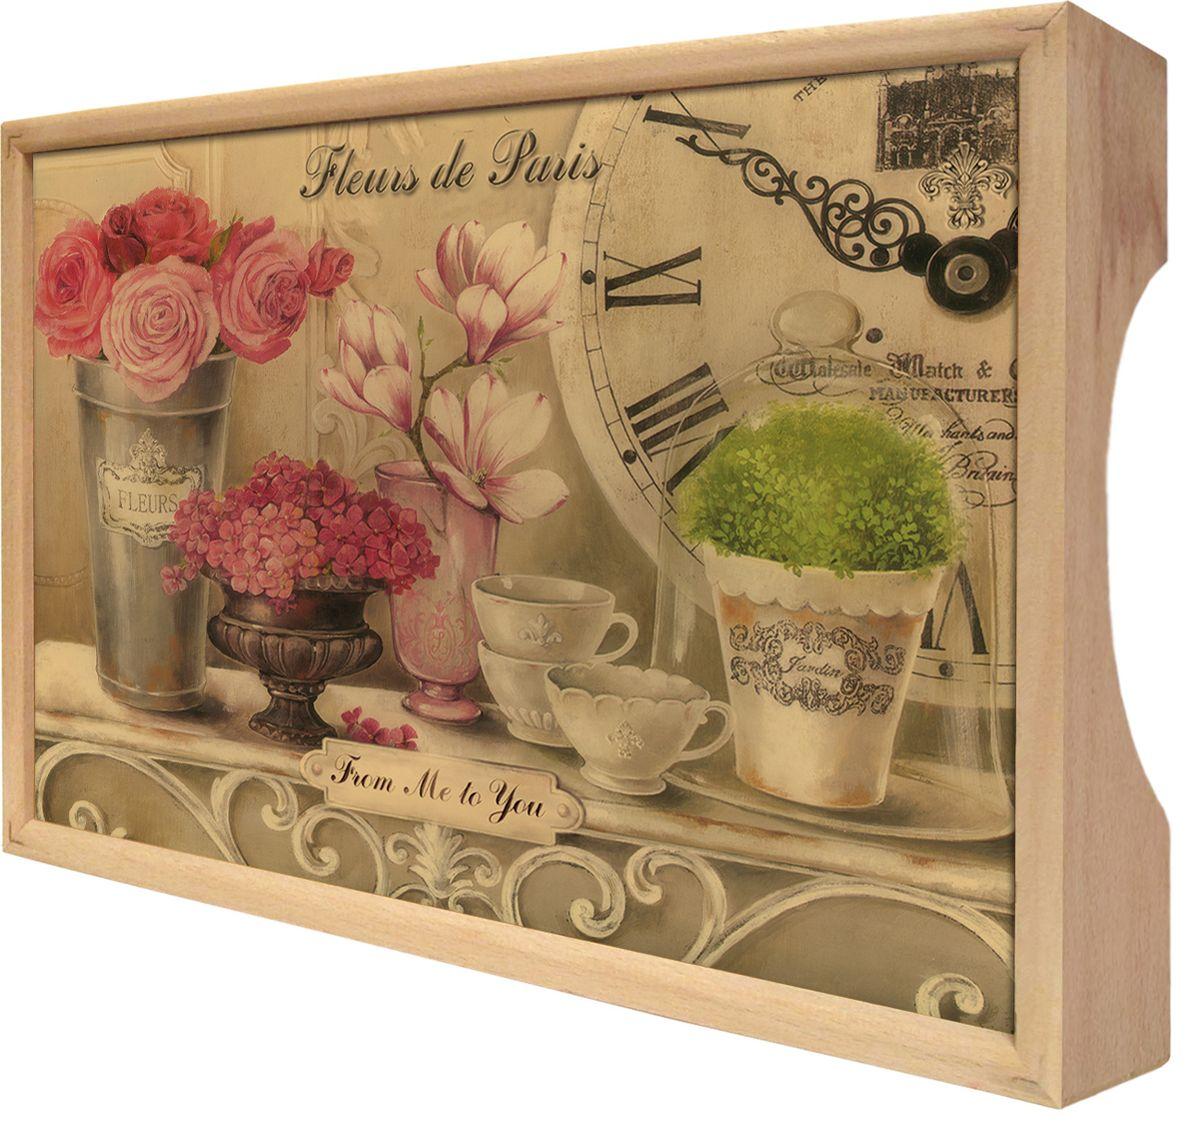 Поднос GiftnHome Парижские цветы, 25 х 37,5 смTR-FleursПоднос GiftnHome Парижские цветы изготовлен из бука - благородной породы древесины. Это крепкий, экологичный и надежный материал, который идеально подходит для производства подносов. Изделие прекрасно перенесет длительную эксплуатацию и надолго сохранит свой шарм древесной структуры и природные качества. Поднос - это великолепное решение для подарка и истинный комплимент вашим любимым и близким людям. С ним вы с легкостью сможете подать кофе, завтрак в постель или вынести на веранду гостям закуски и фрукты. Помимо функциональной пользы, данное изделие изысканно дополнит интерьер помещения и внесет уют в домашнее пространство. Нанесенные на поднос дизайнерские принты от Креативной Студии АнтониоК делают изделие уникальным.